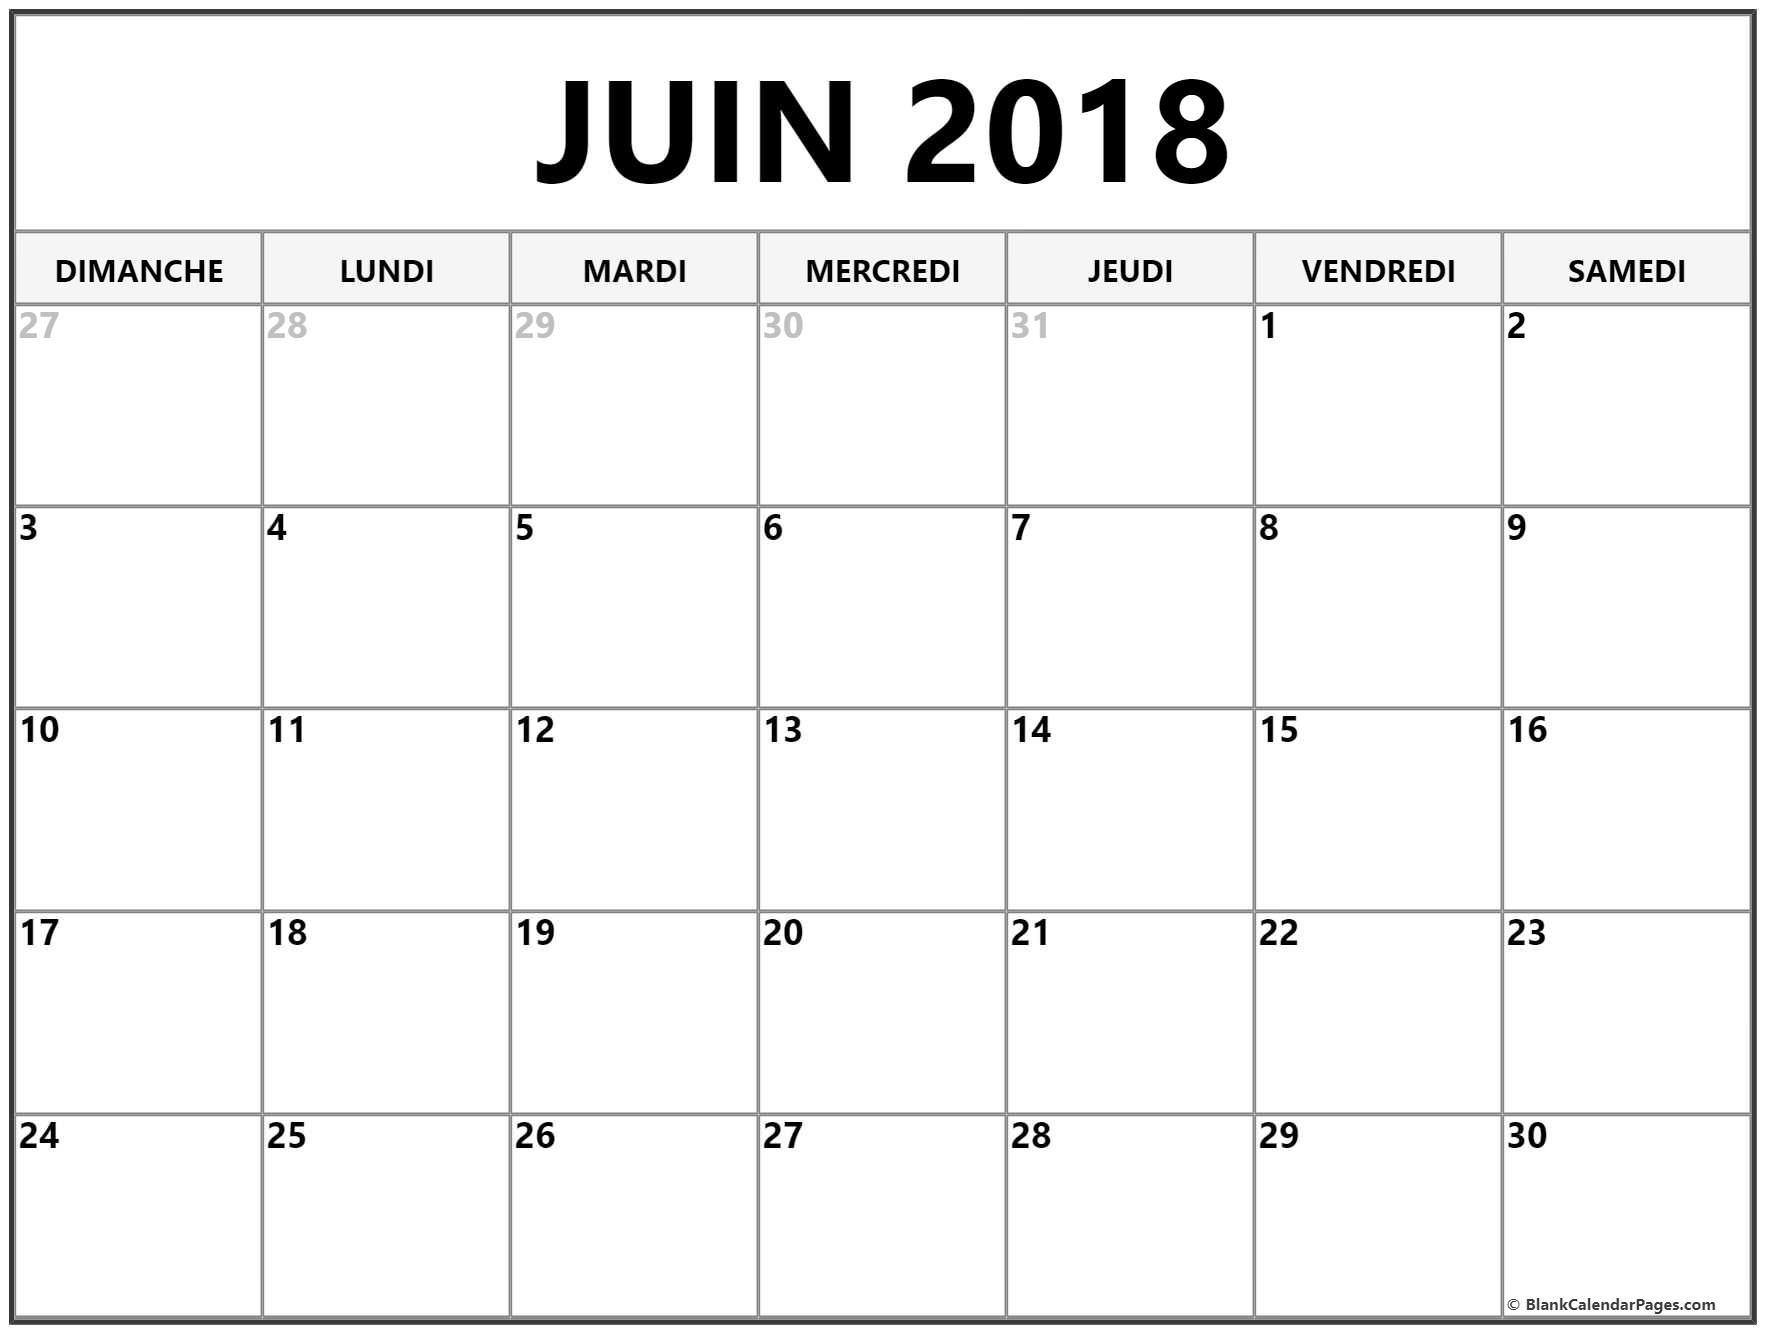 Calendrier Juin 2020 à Imprimer.Juin 2018 Calendrier Gratuit Calendrier Imprimable